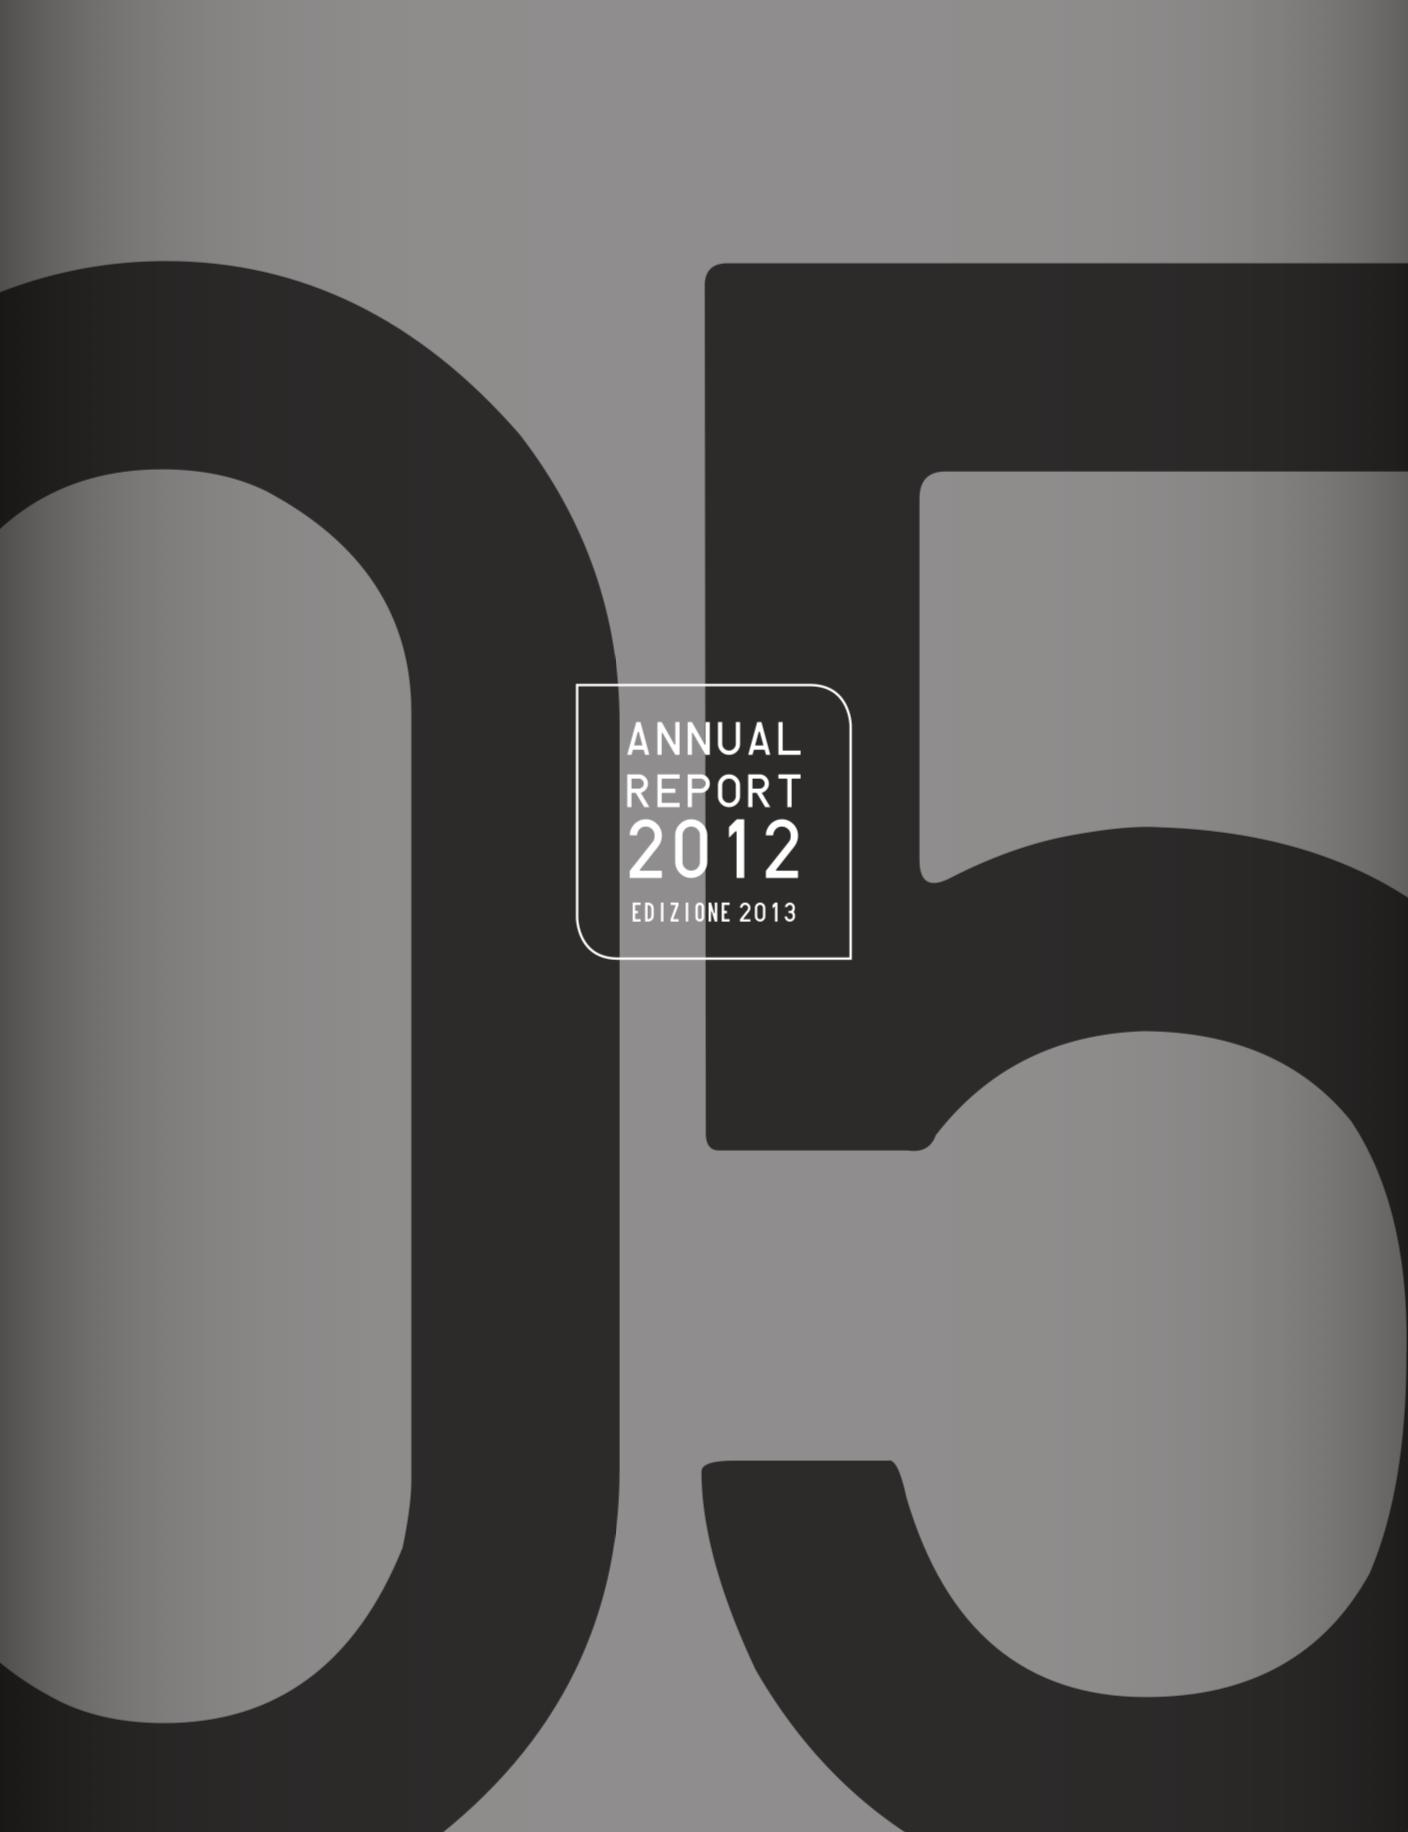 Annual Report 2012 (ed. 2013)